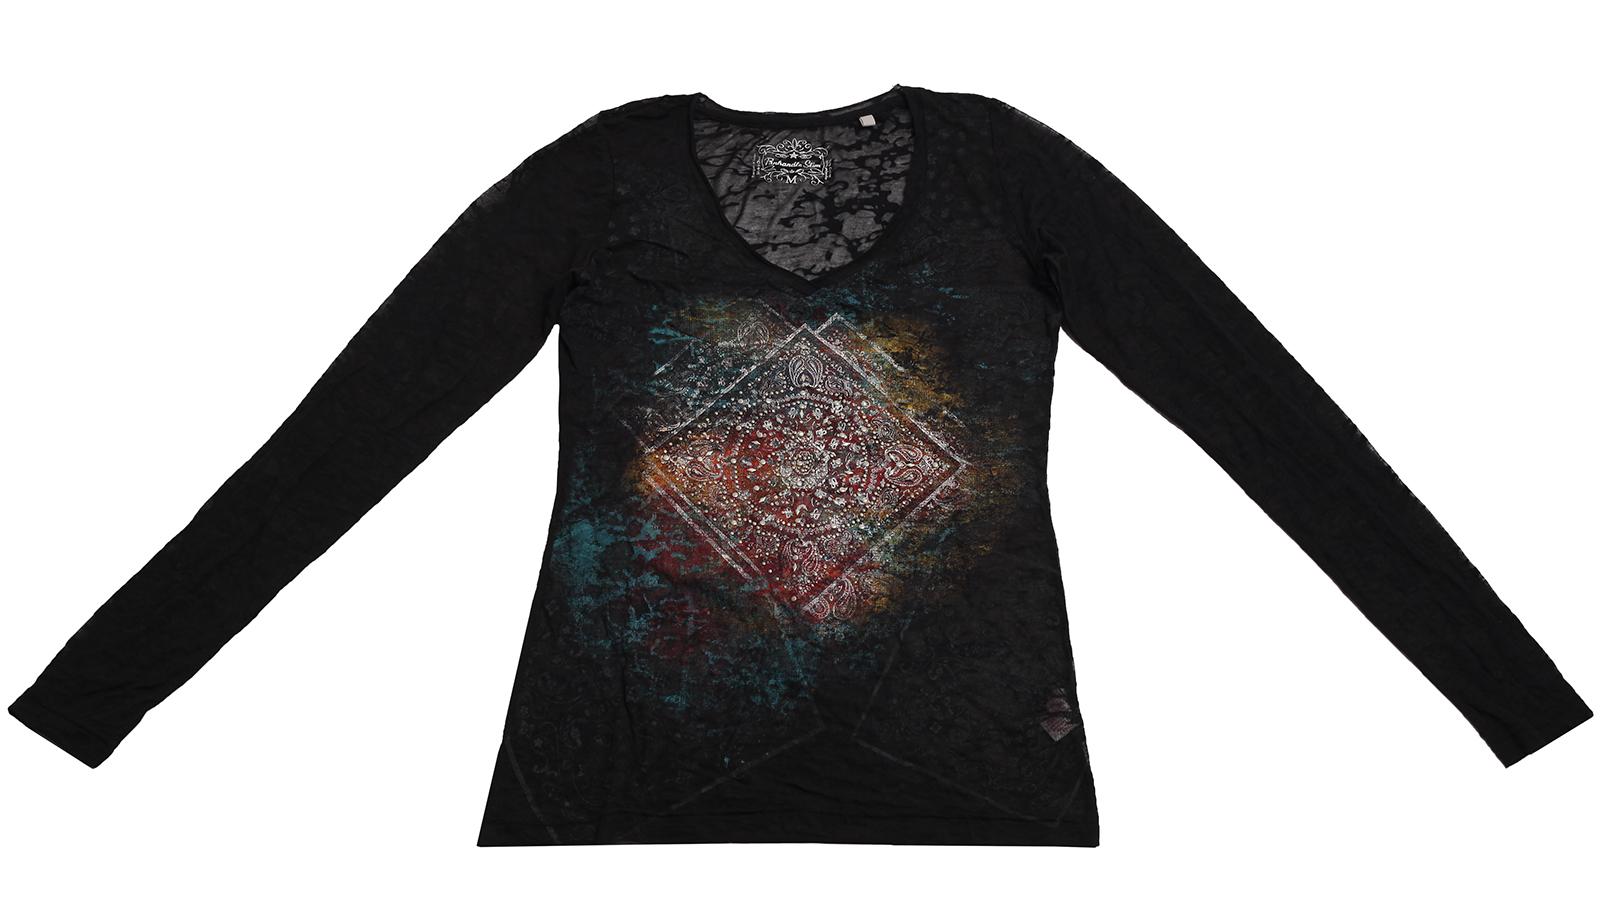 Кофточка модного кроя с живописным принтом от Panhandle Slim популярная модель